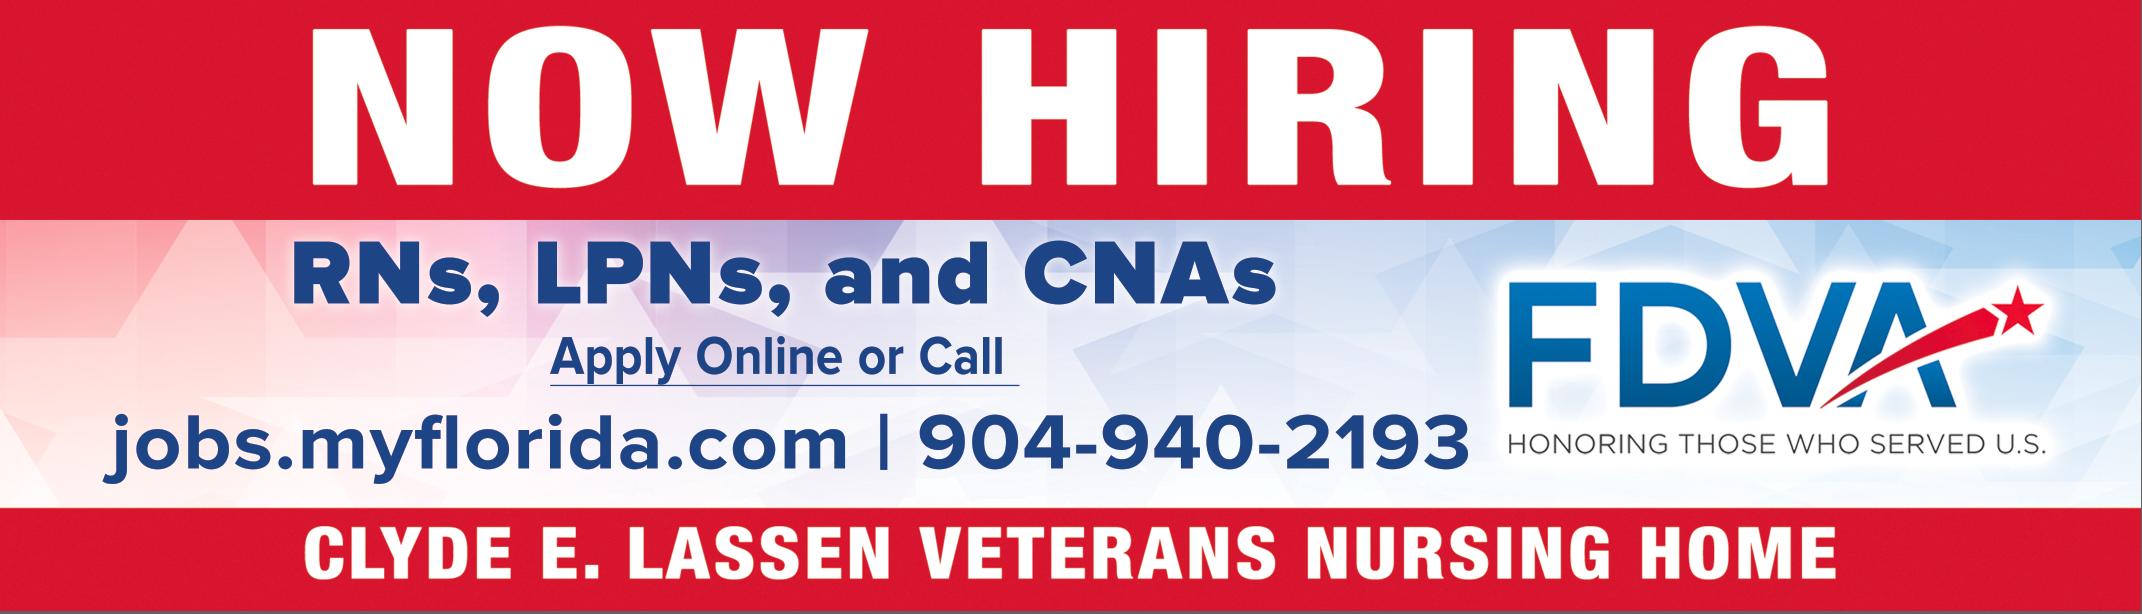 WSOS job fair banner chg 030421